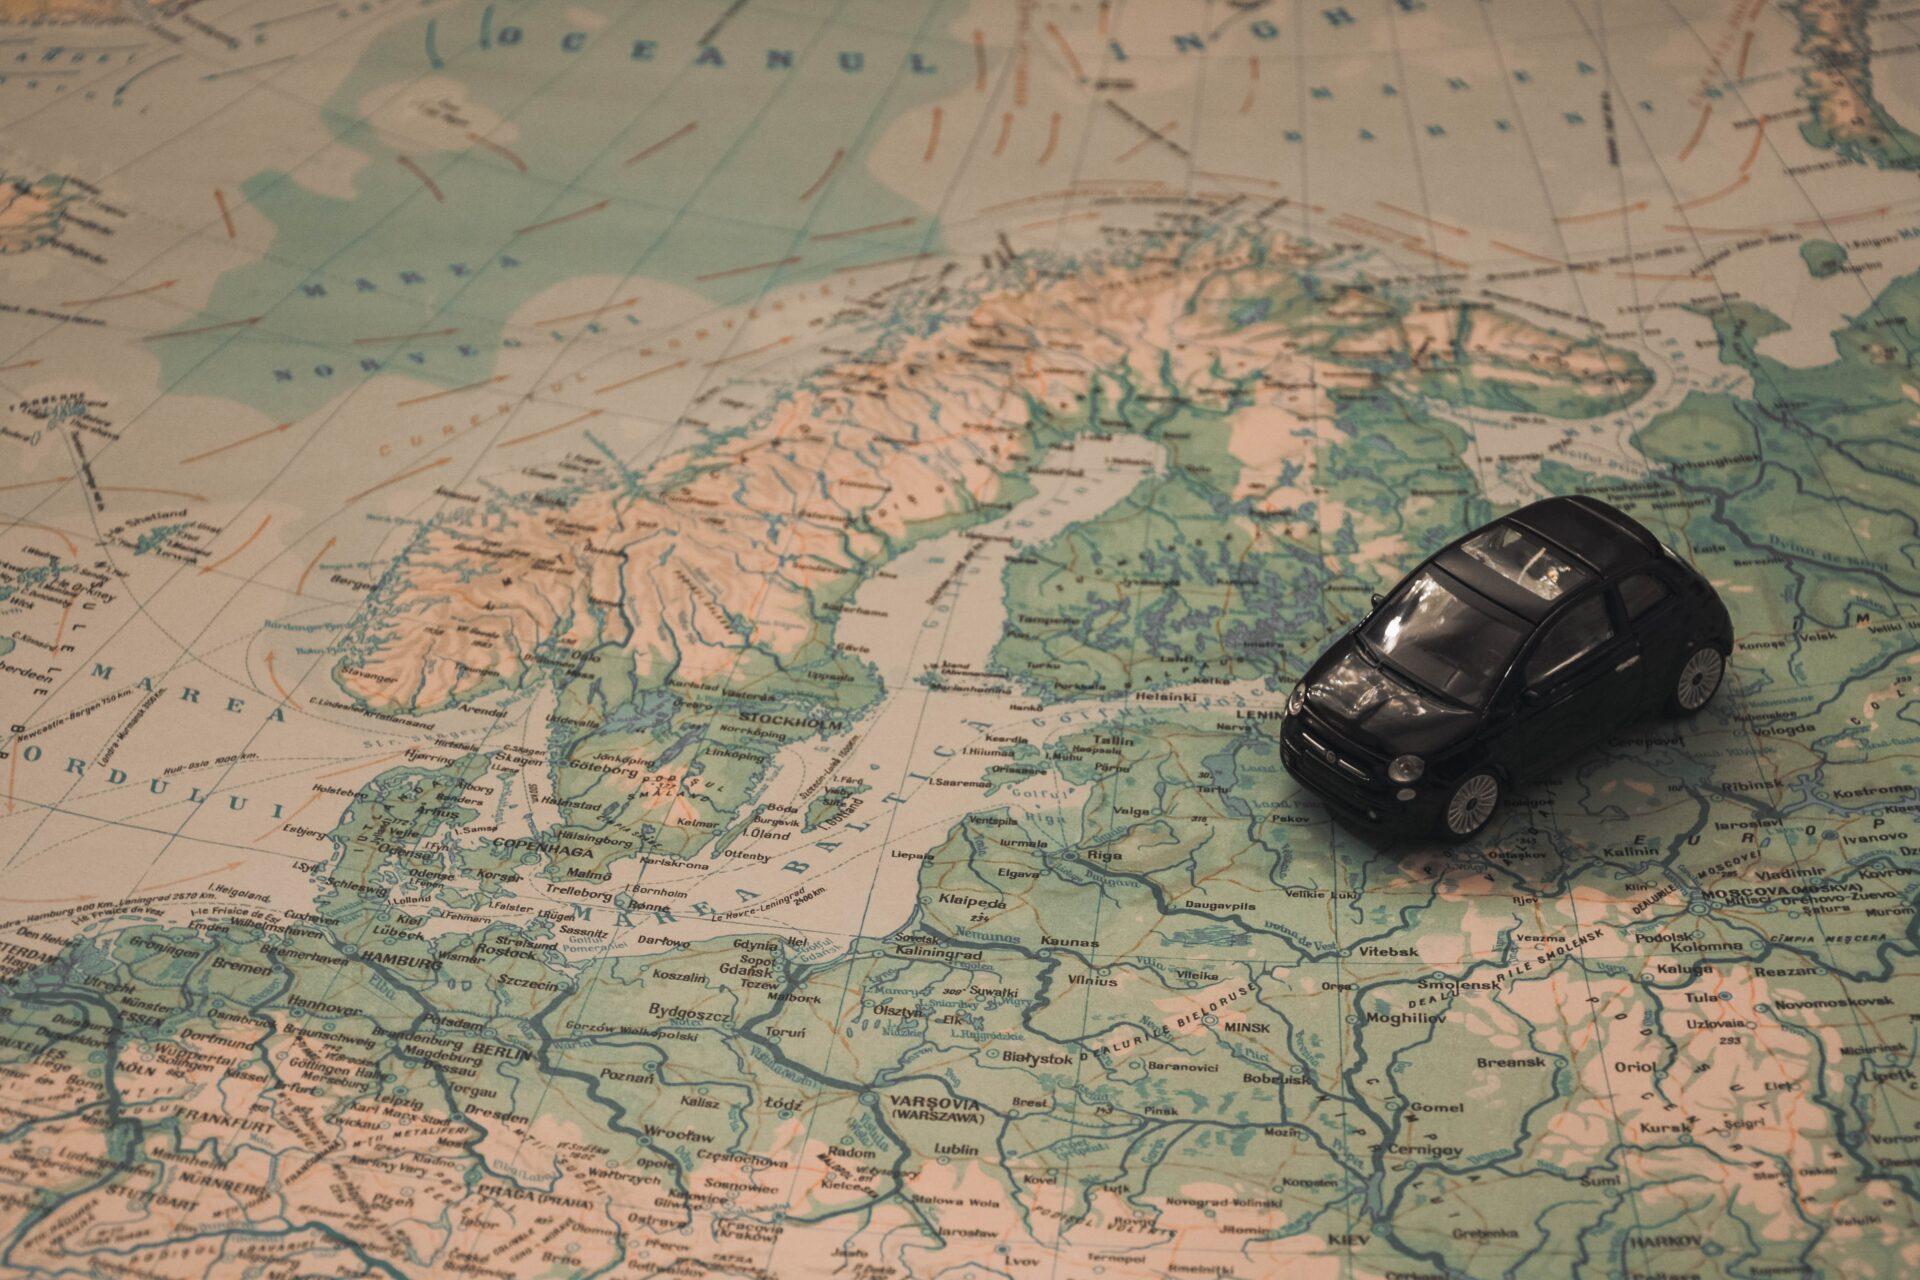 Χάρτης της Ευρώπης με ένα μικρό αυτοκίνητο επάνω